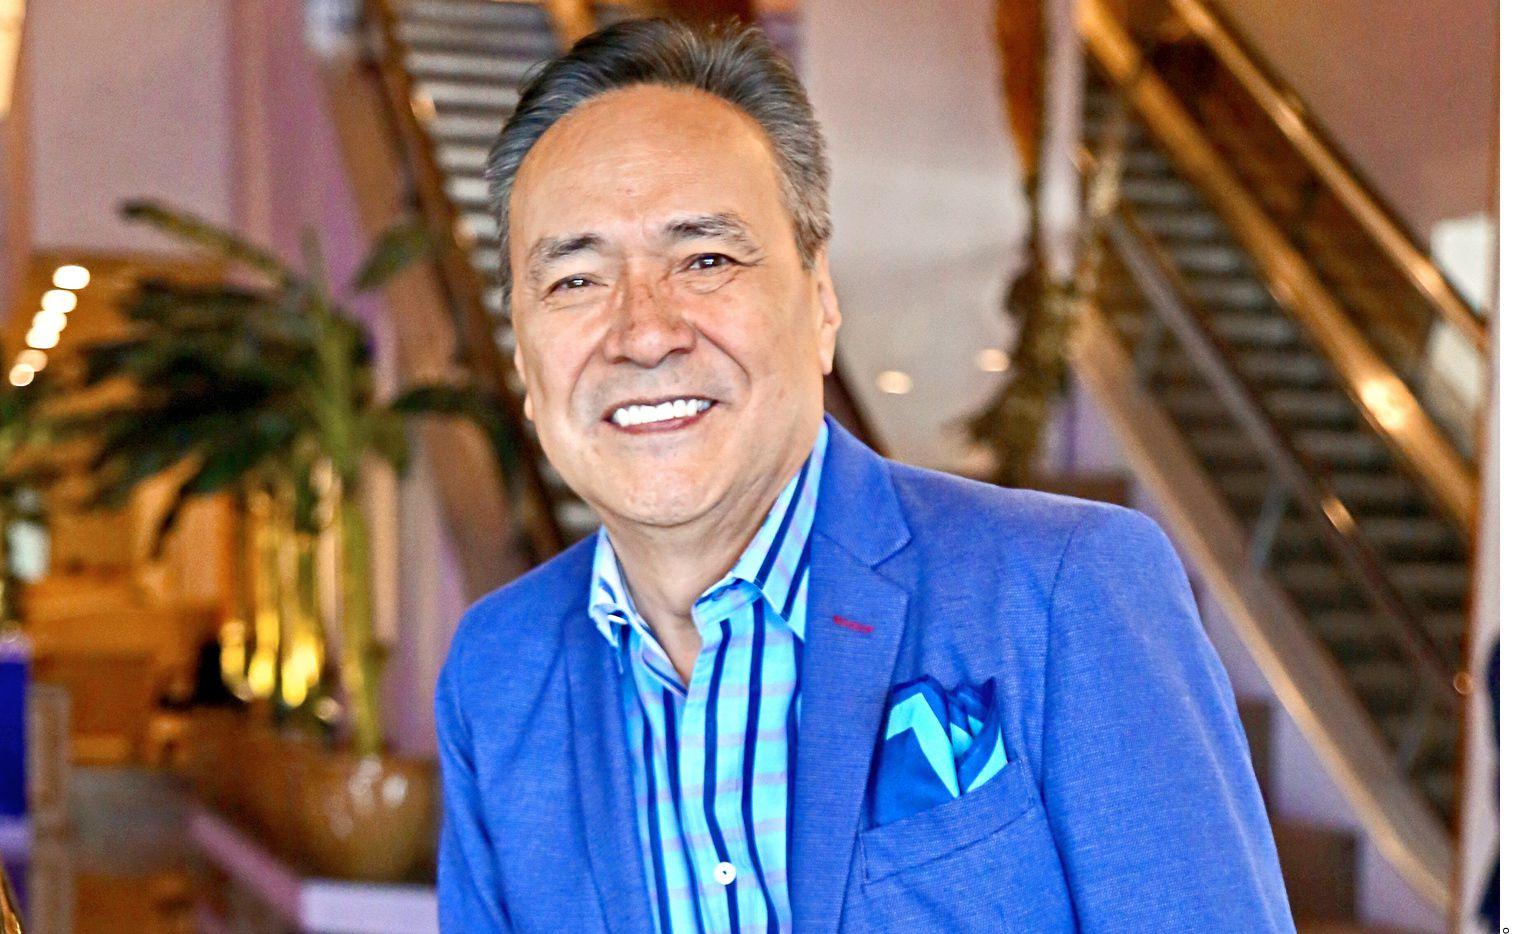 El cantante Yoshio sucumbe al coronavirus a los 70 años y colegas como Carlos Cuevas lo recuerdan. Su viuda, Marcela, no pudo despedirse.